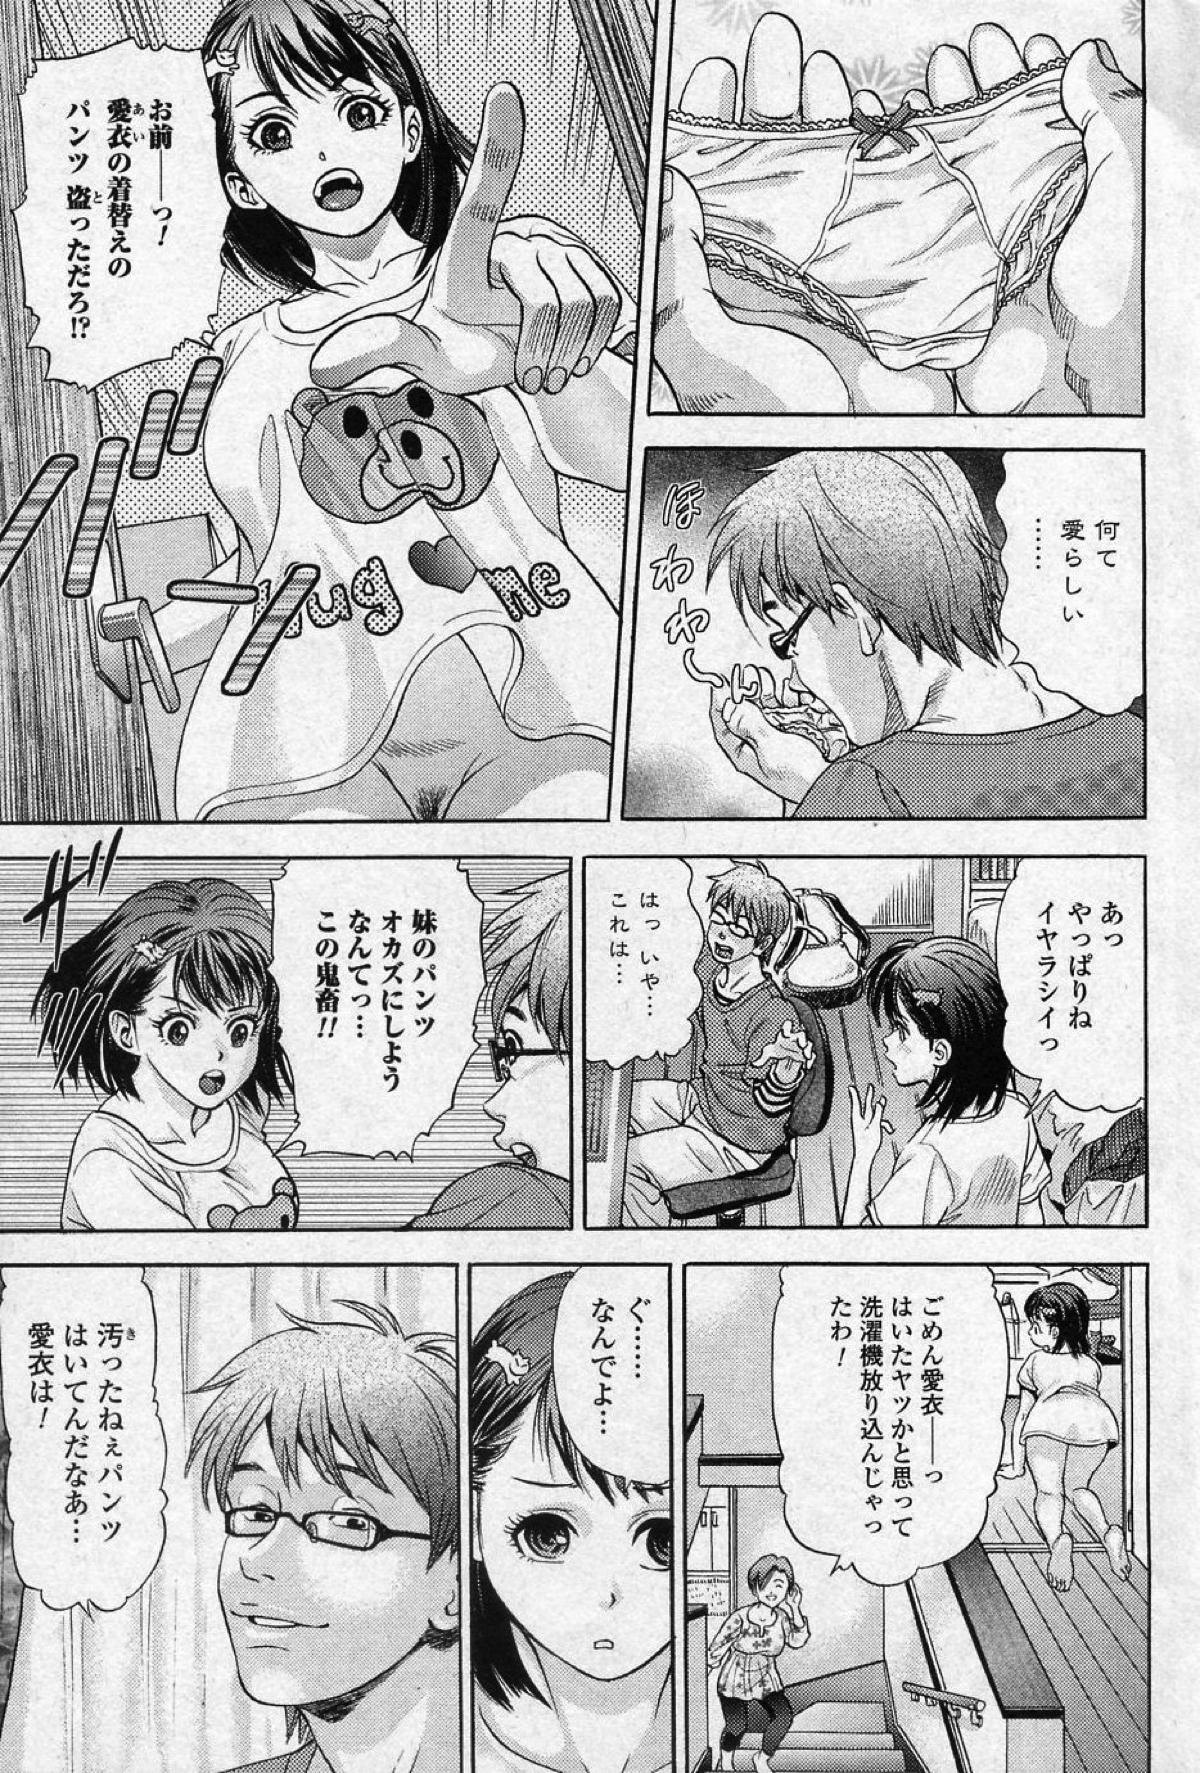 [中島史雄] 一日早いプレゼント (1)